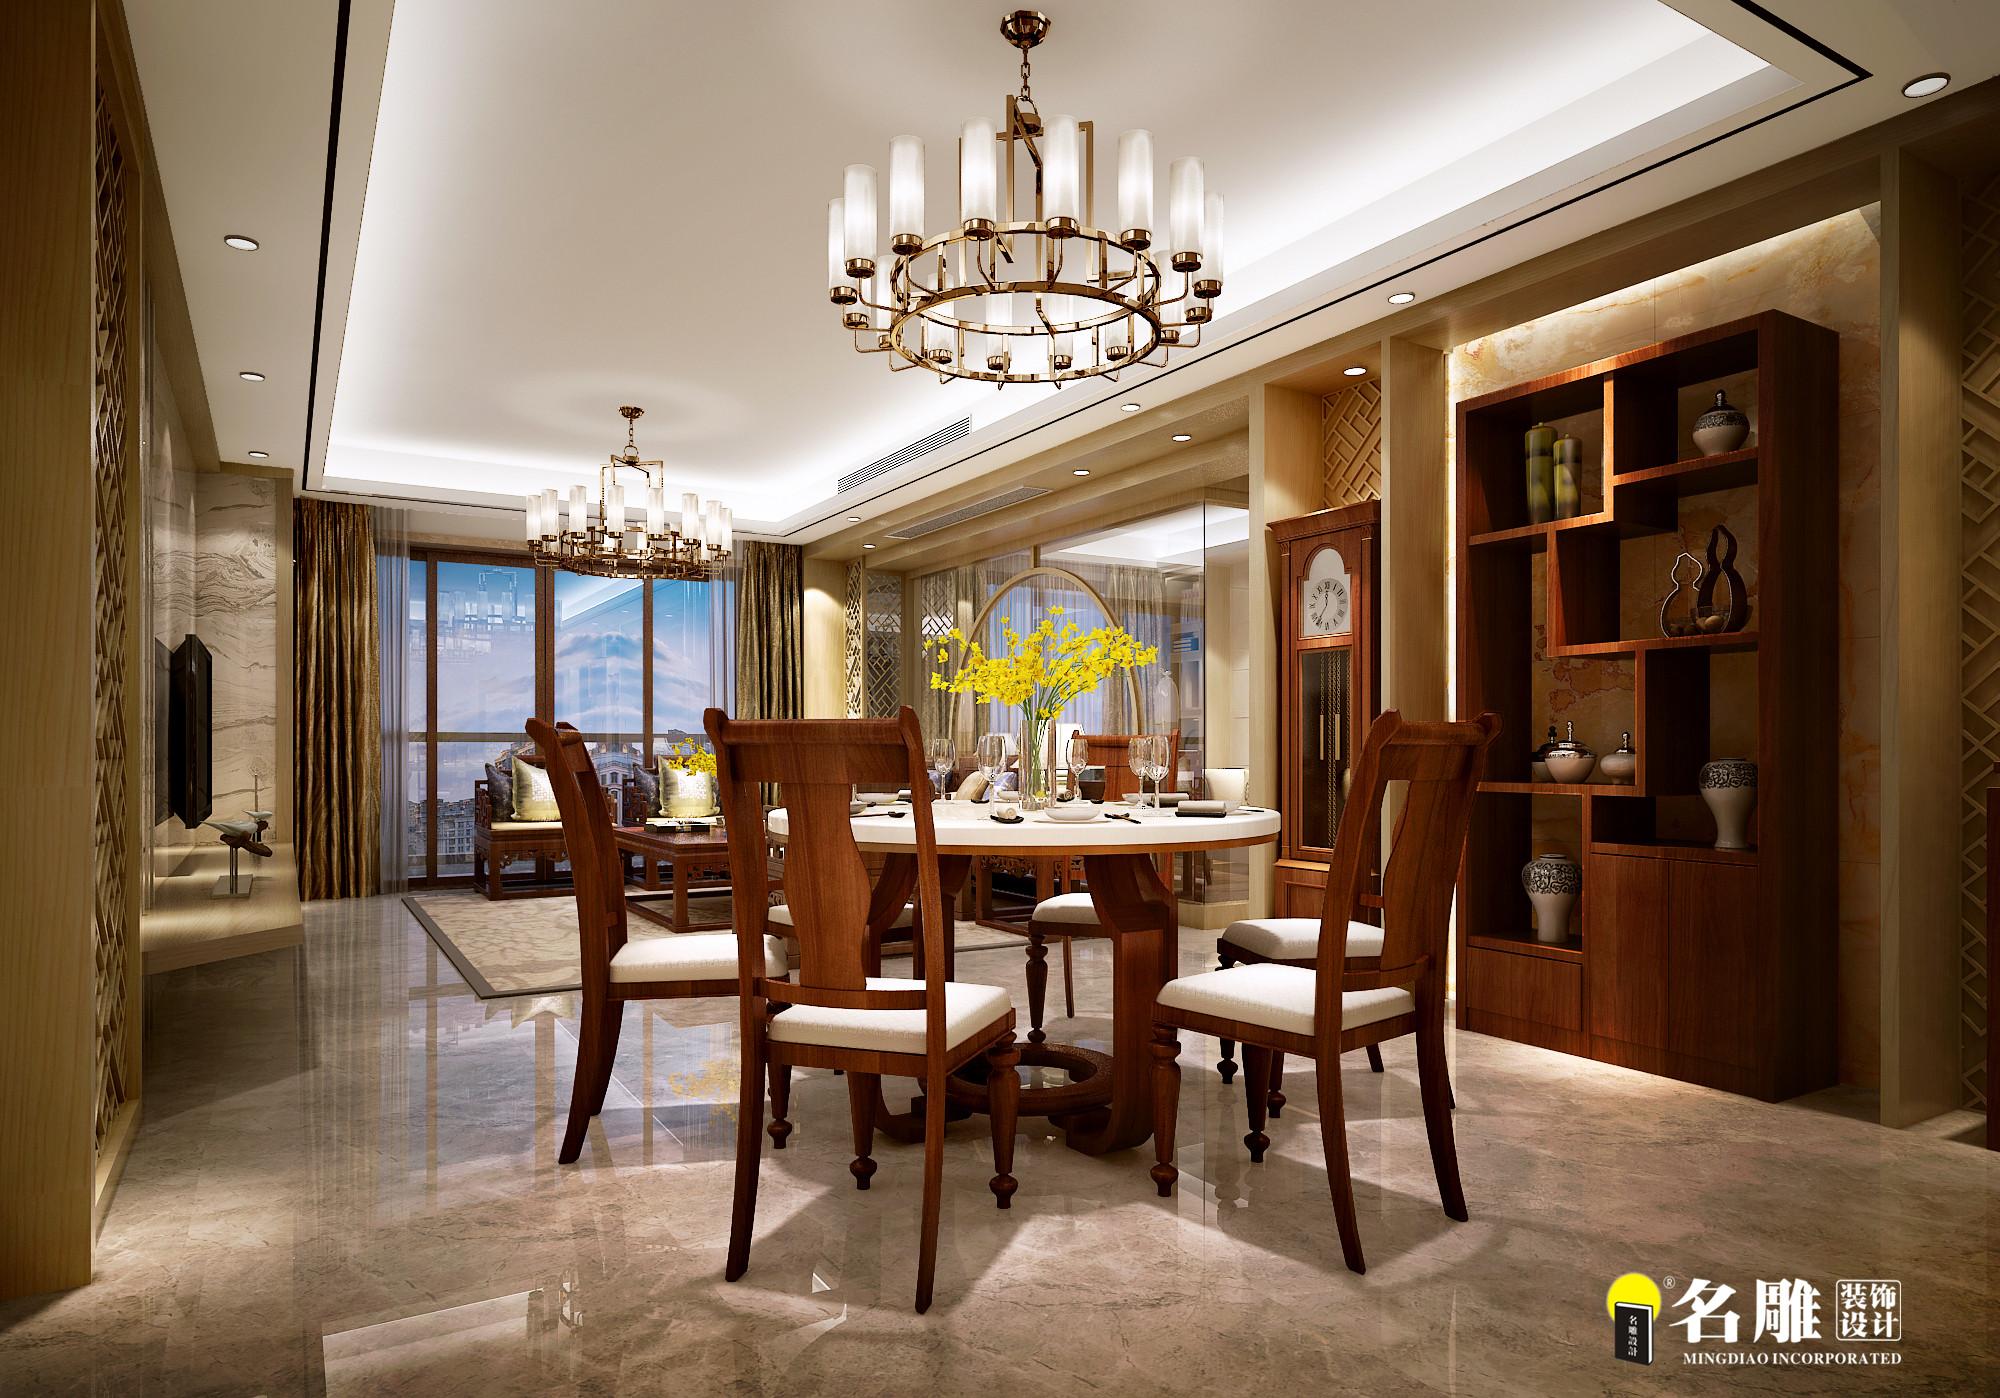 现代中式 四居室 空间层次感 中国式韵味 沉稳 餐厅图片来自名雕装饰长沙分公司在第六都现代中式四居室的分享